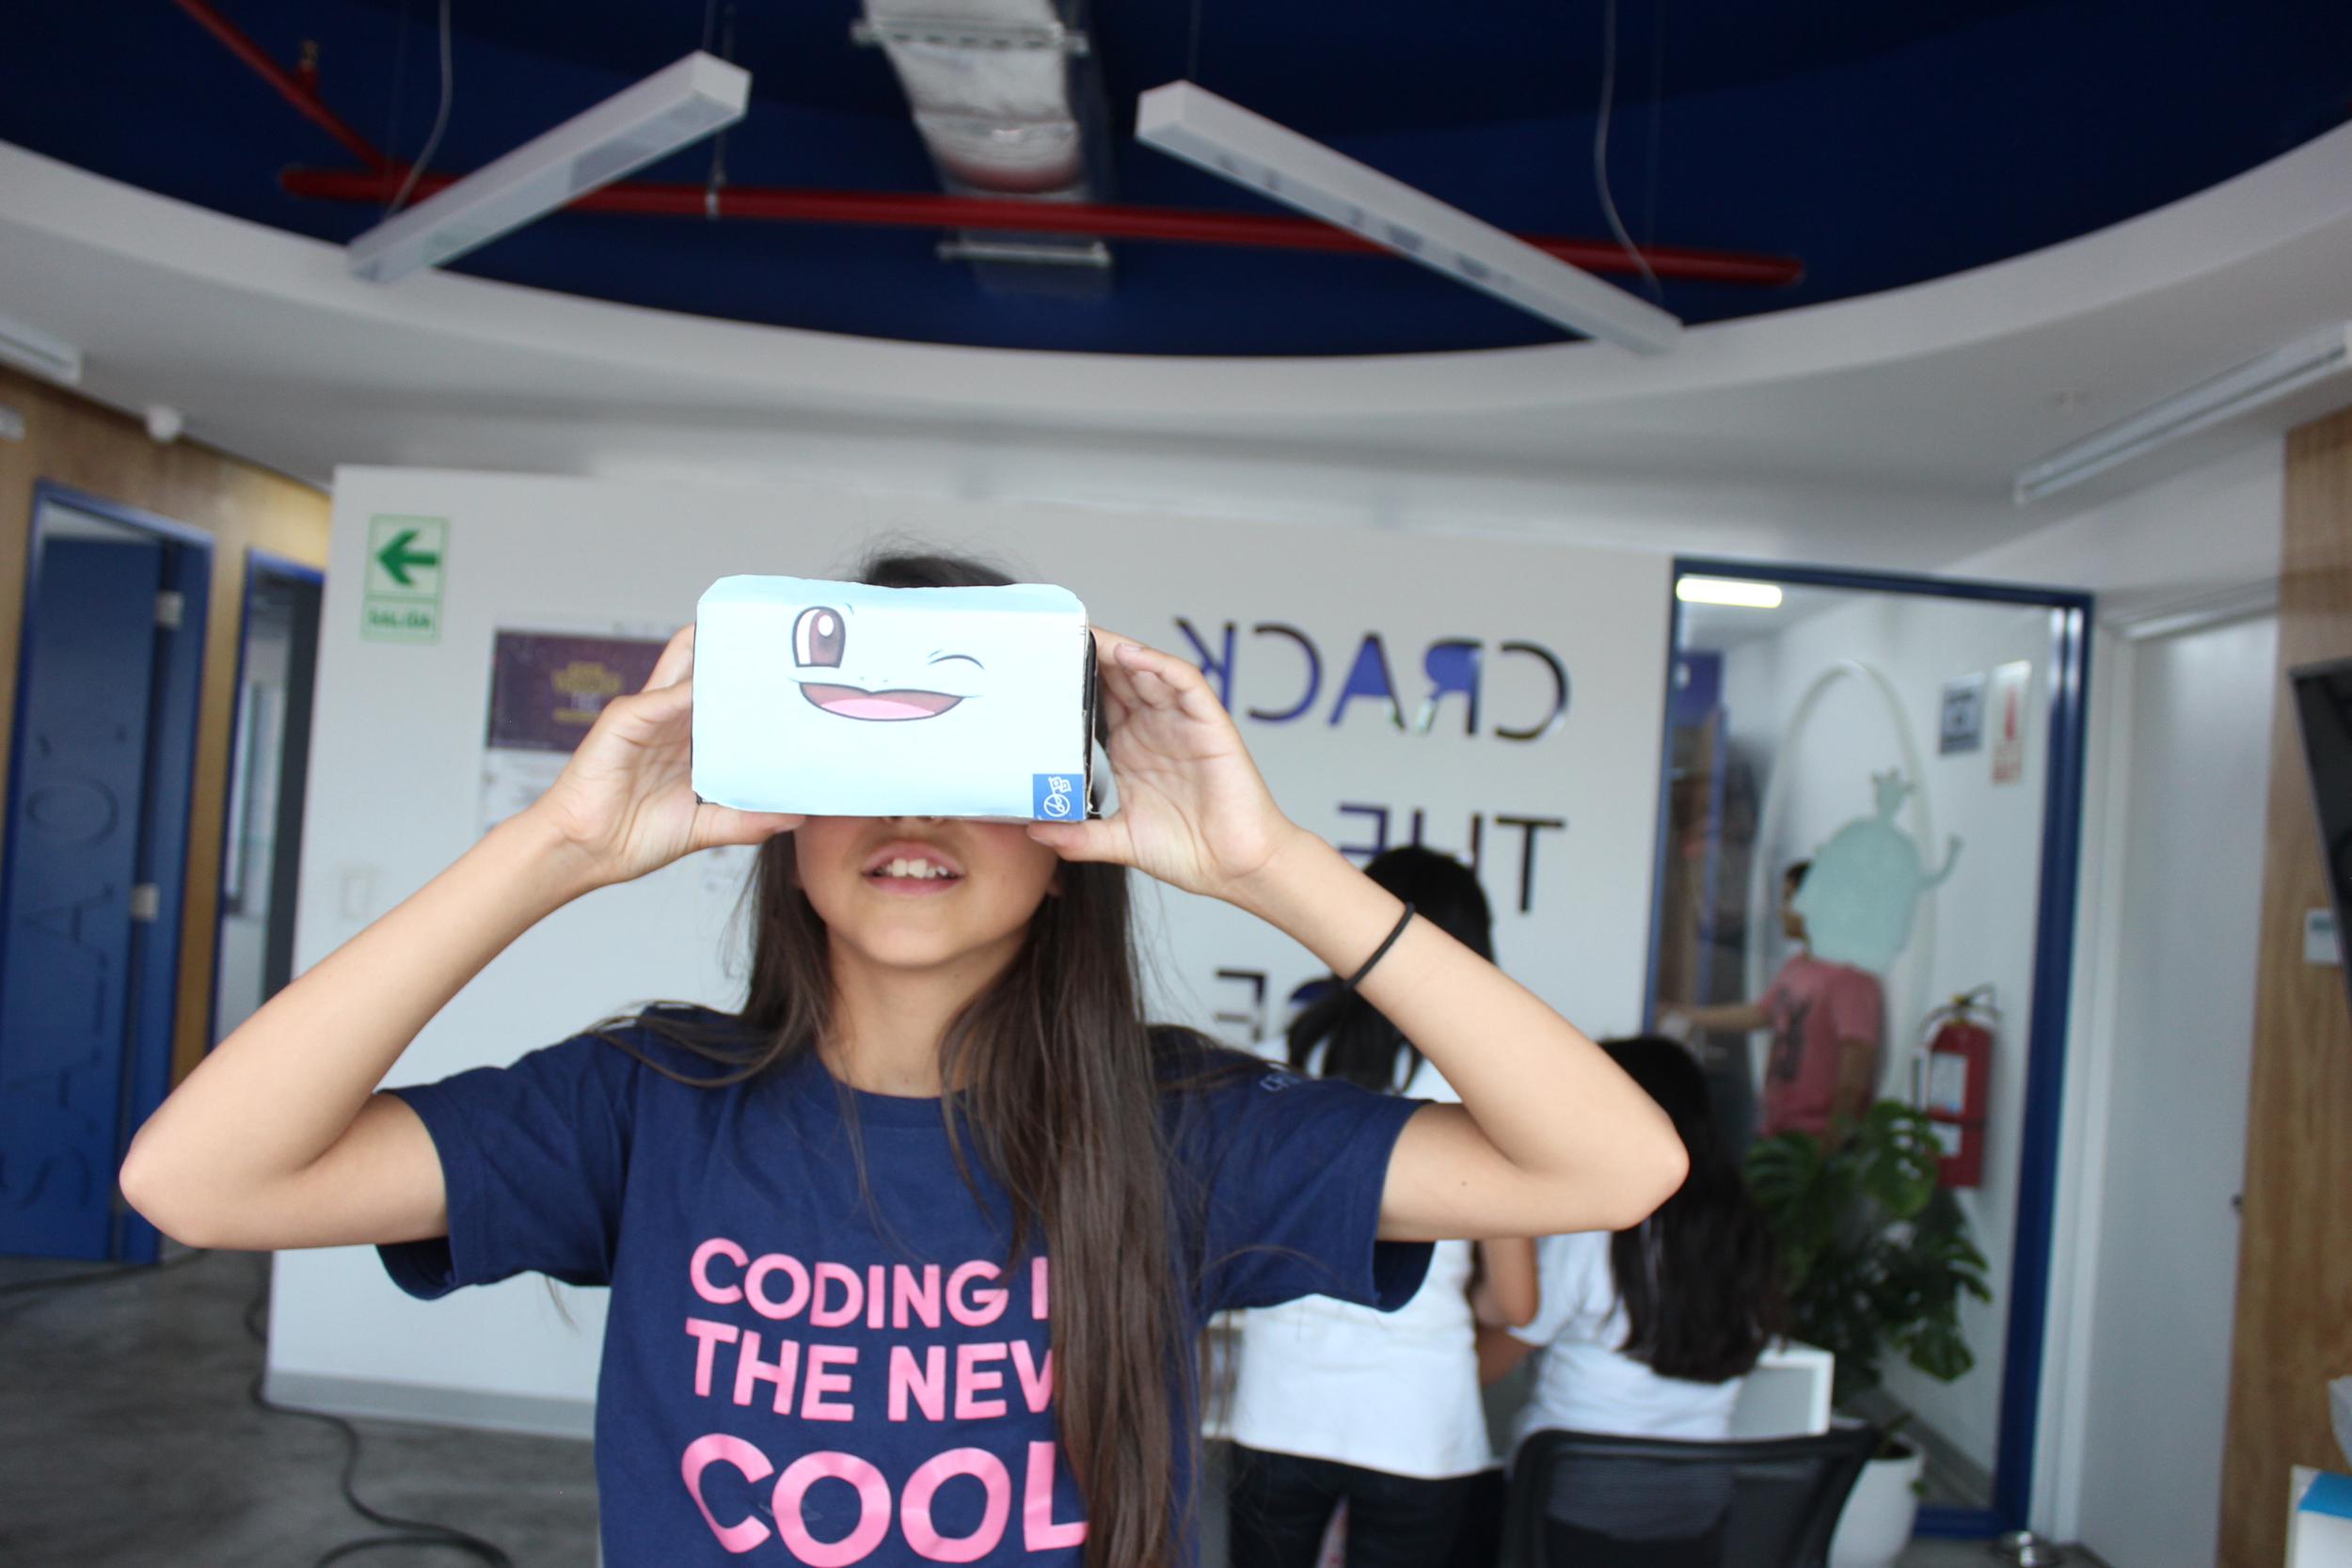 Mundos en 3D usando Realidad Virtual